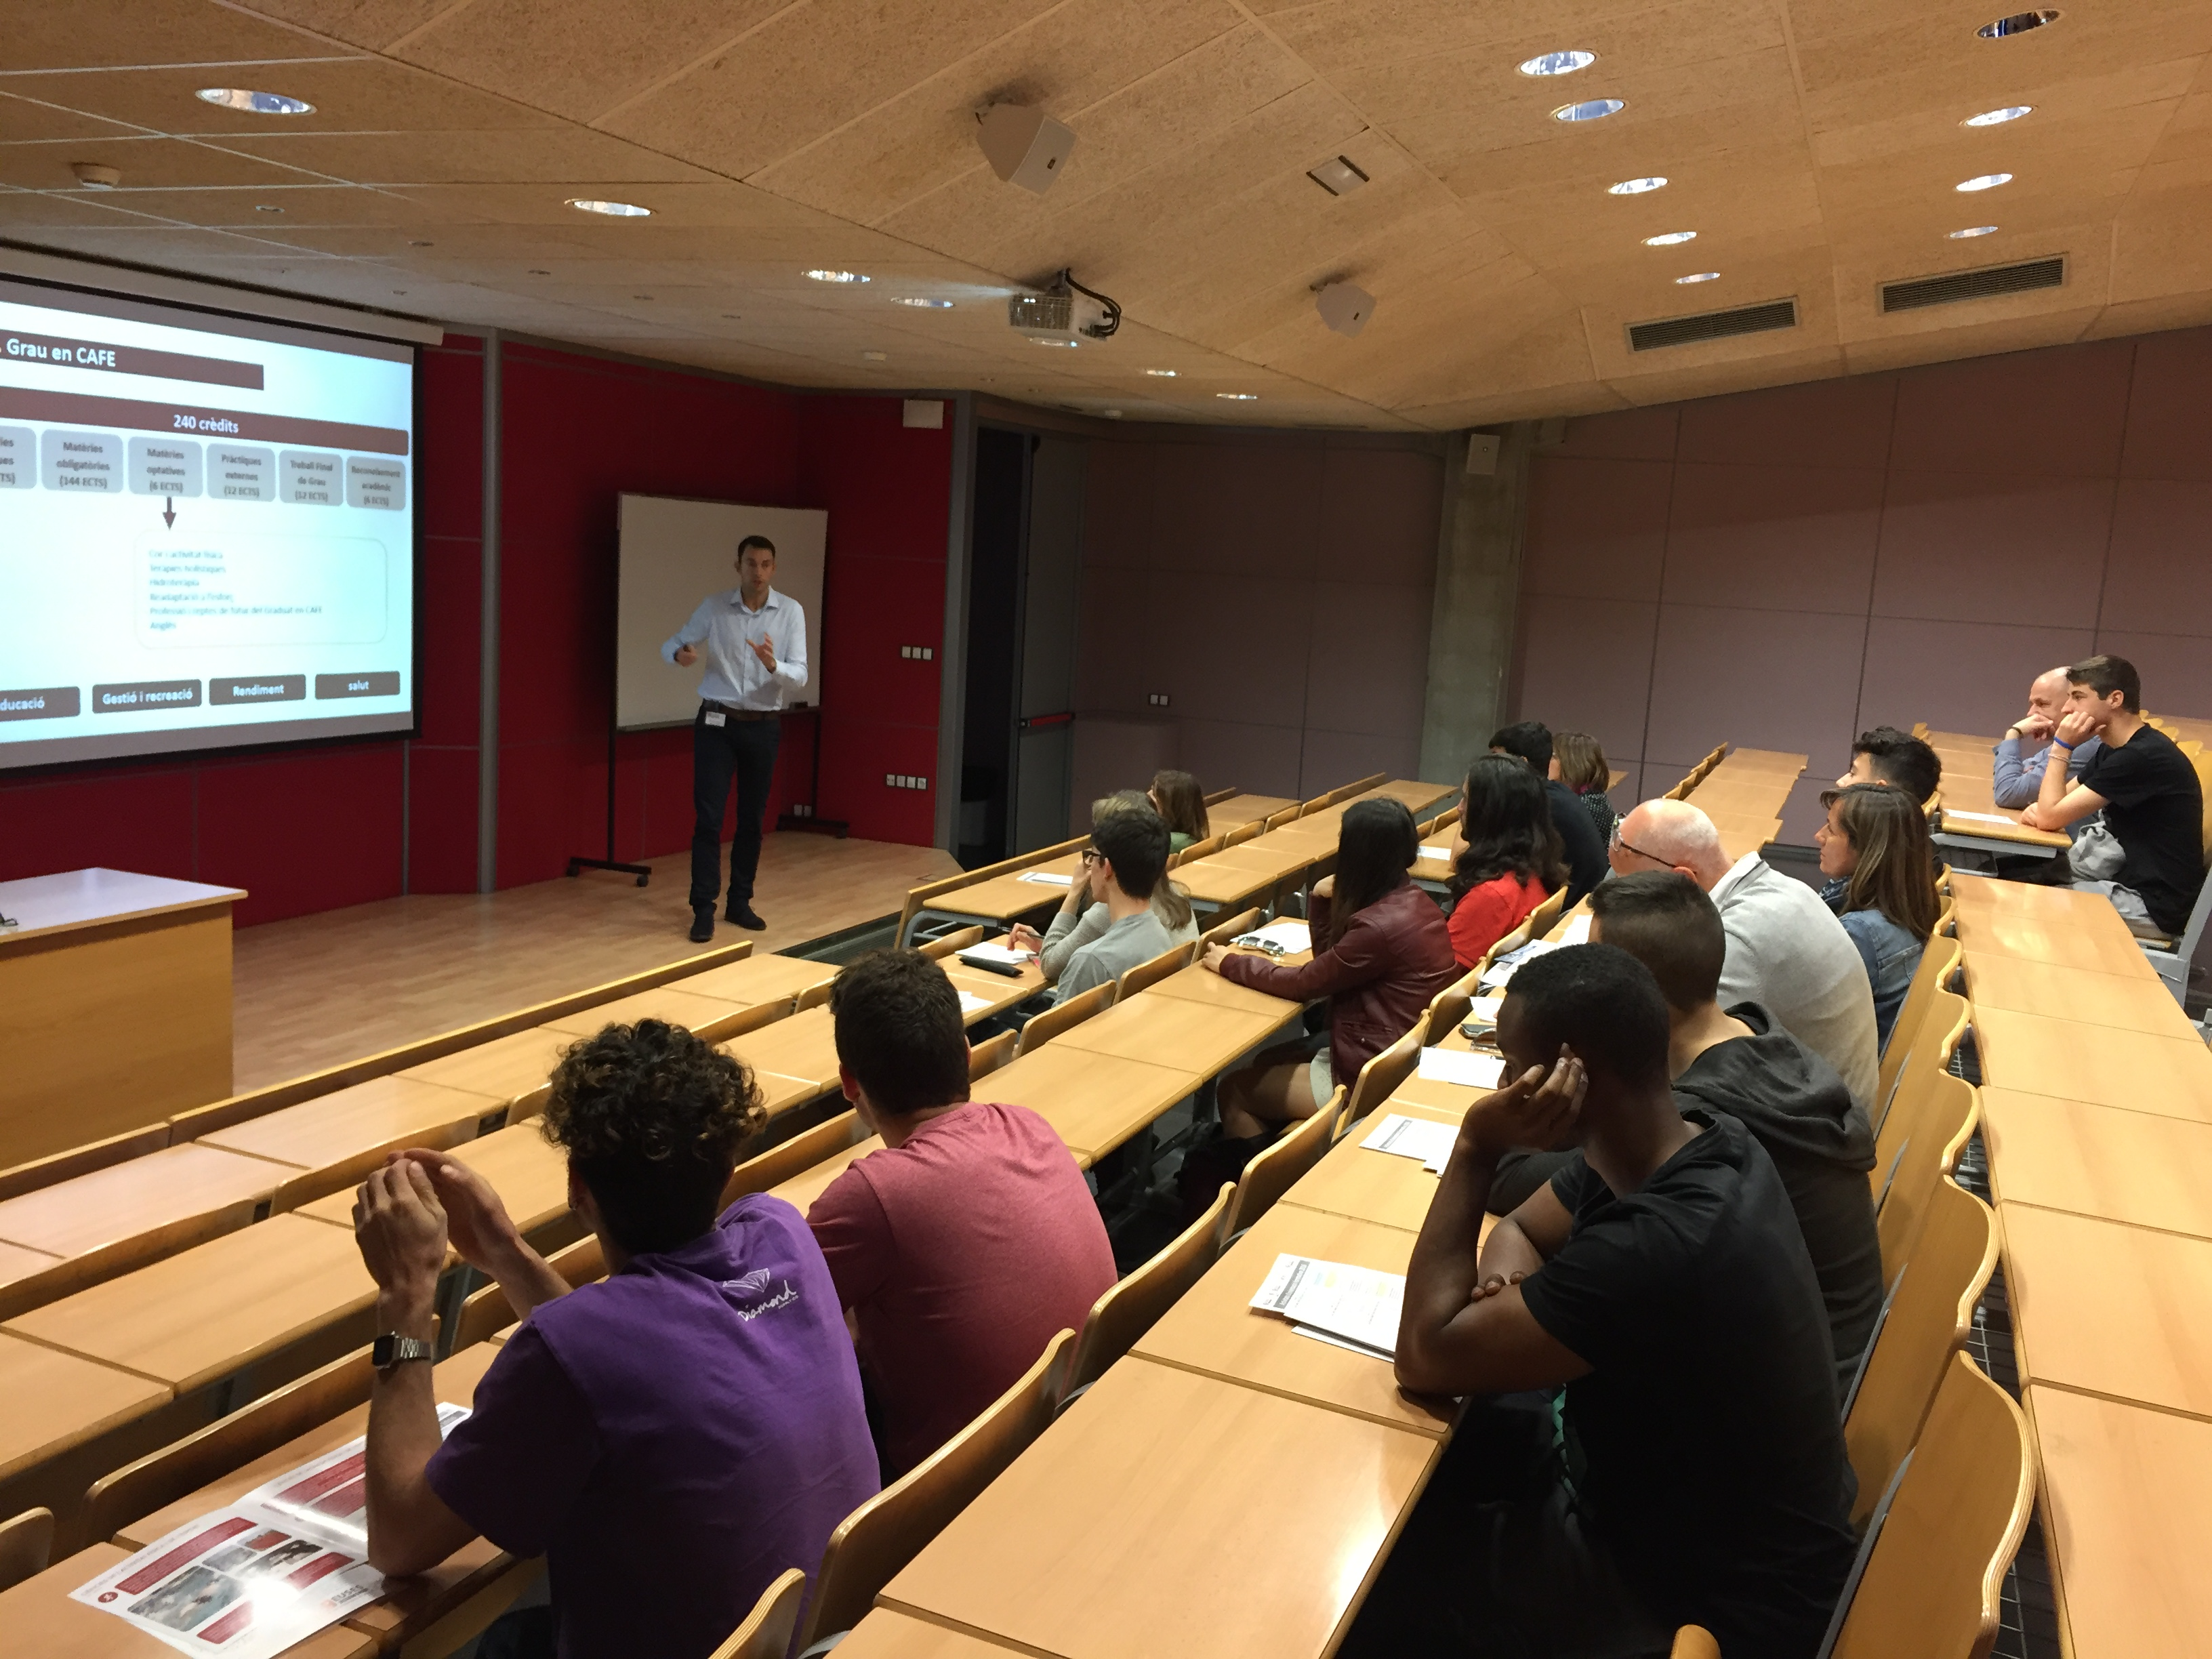 """Cursos d'estiu sobre """"Eines d'optimització de l'entrenament en etapes de formació"""" organitzats per EUSES CAFE i la Càtedra d'Esport de la UdG"""